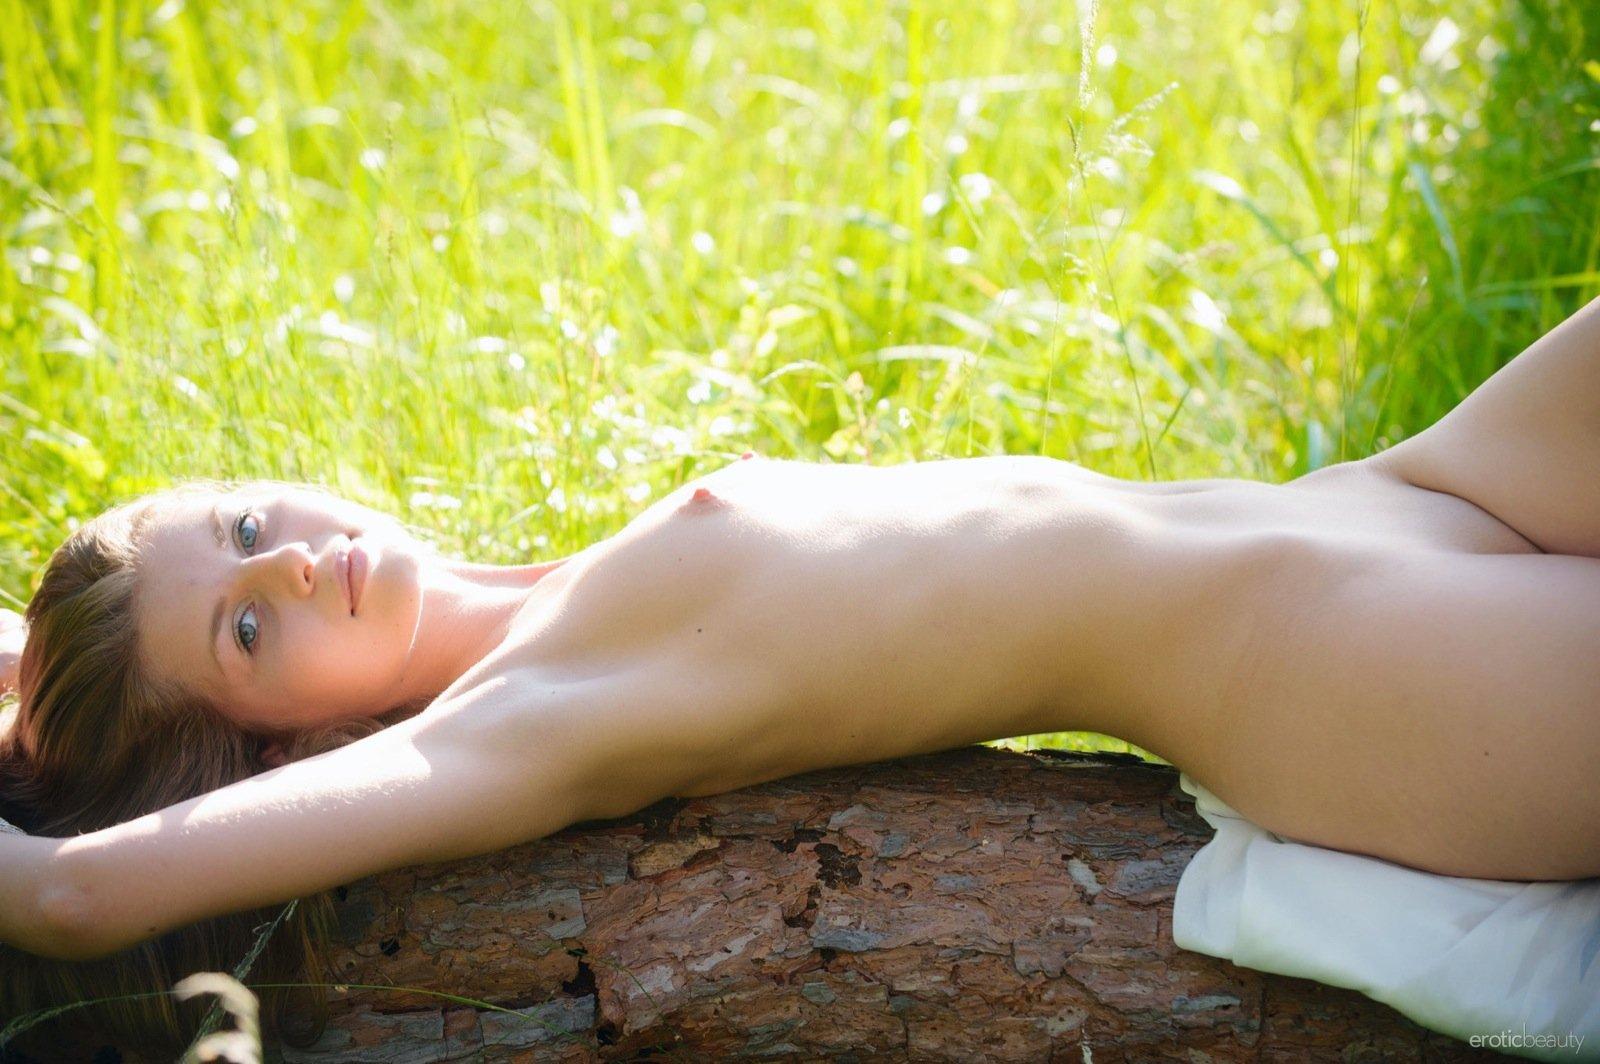 hill-nude-annushka